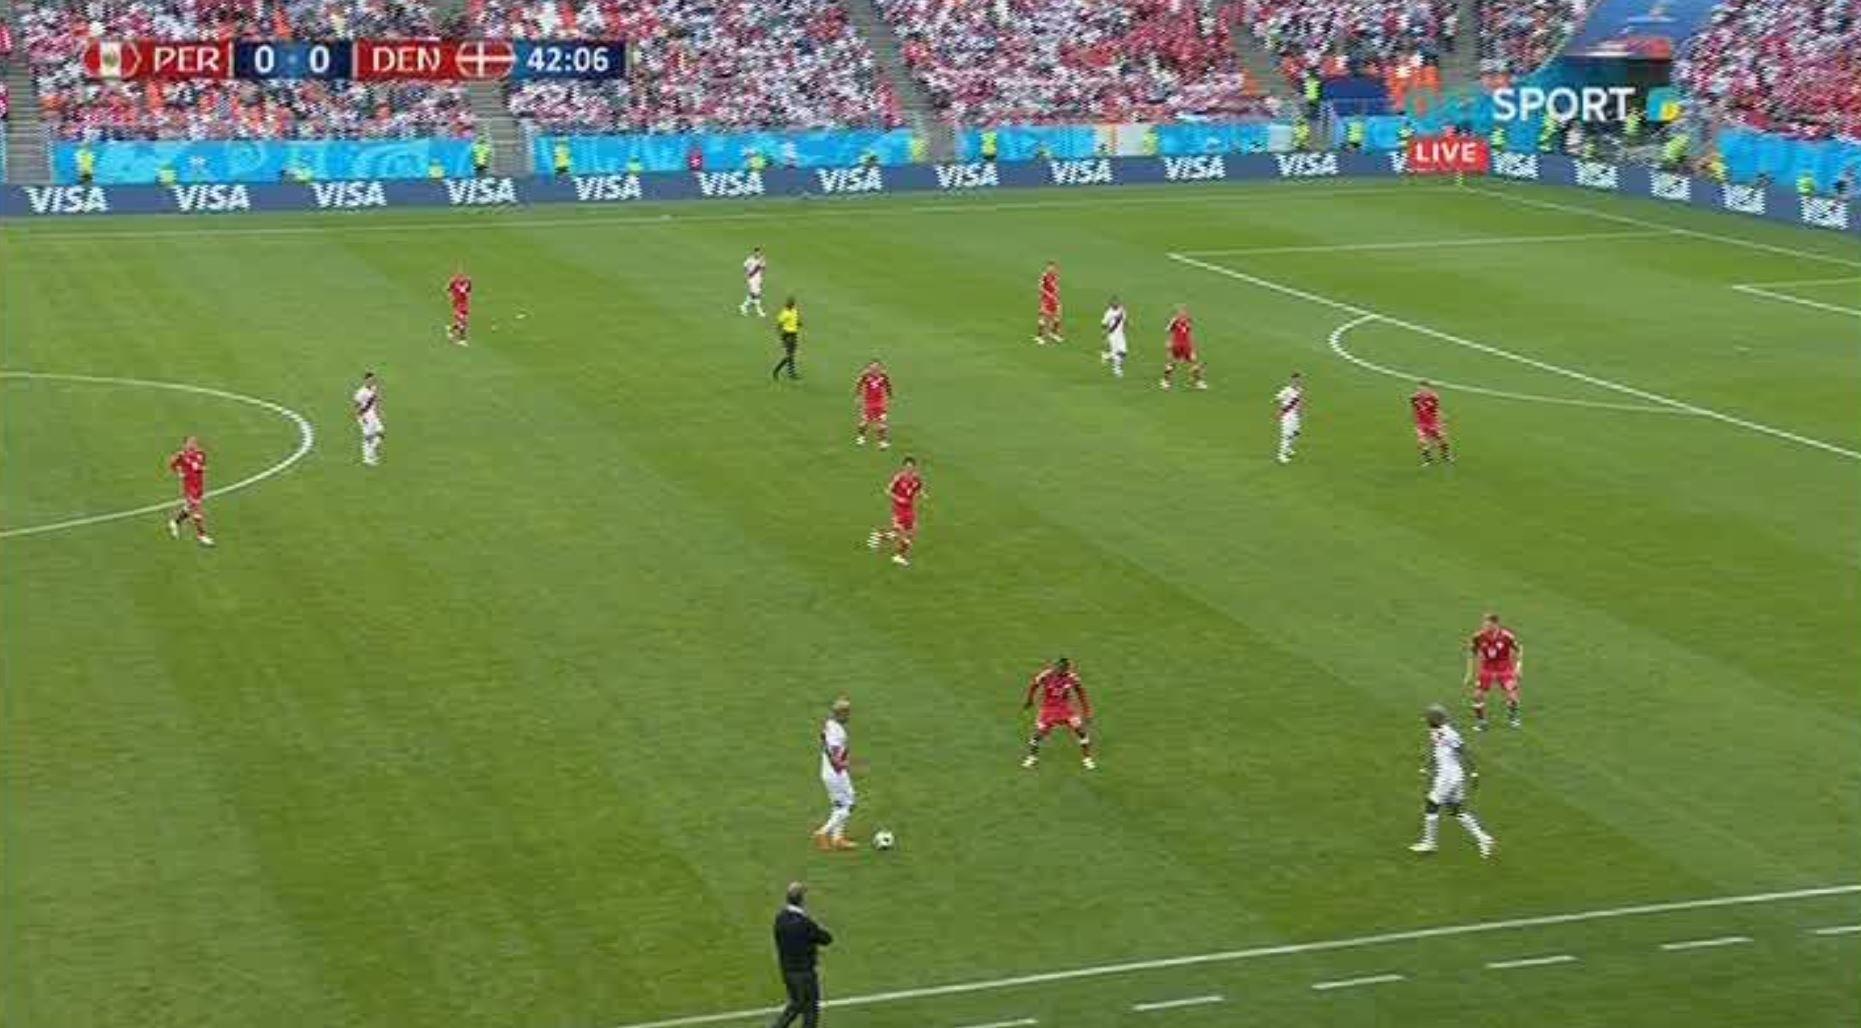 FIFA-2018. Дания құрамасы плей-офф кезеңінен үмітті